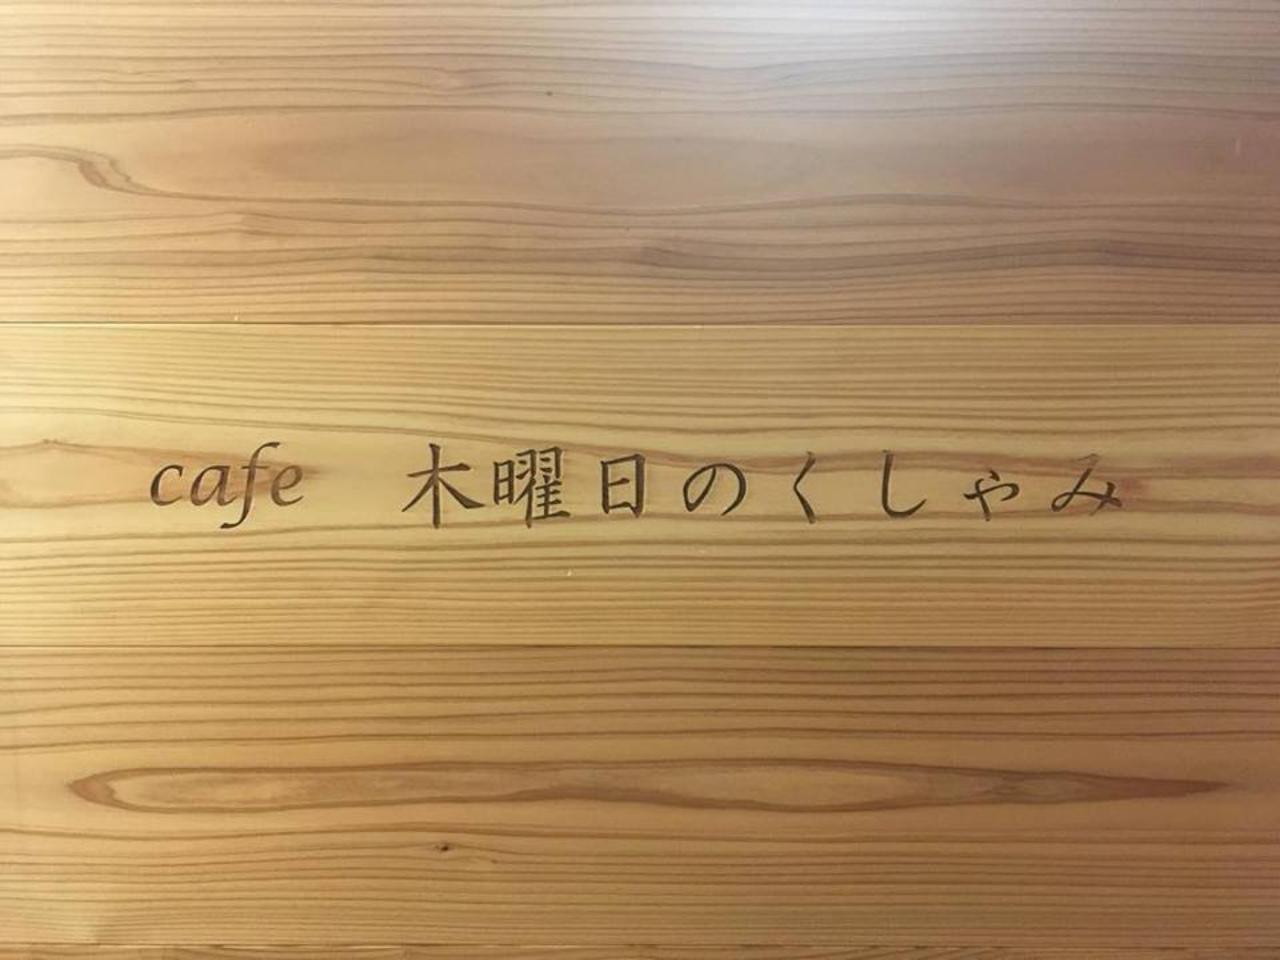 長崎市興善町にカフェ「木曜日のくしゃみ」が4/6にオープンされたようです。